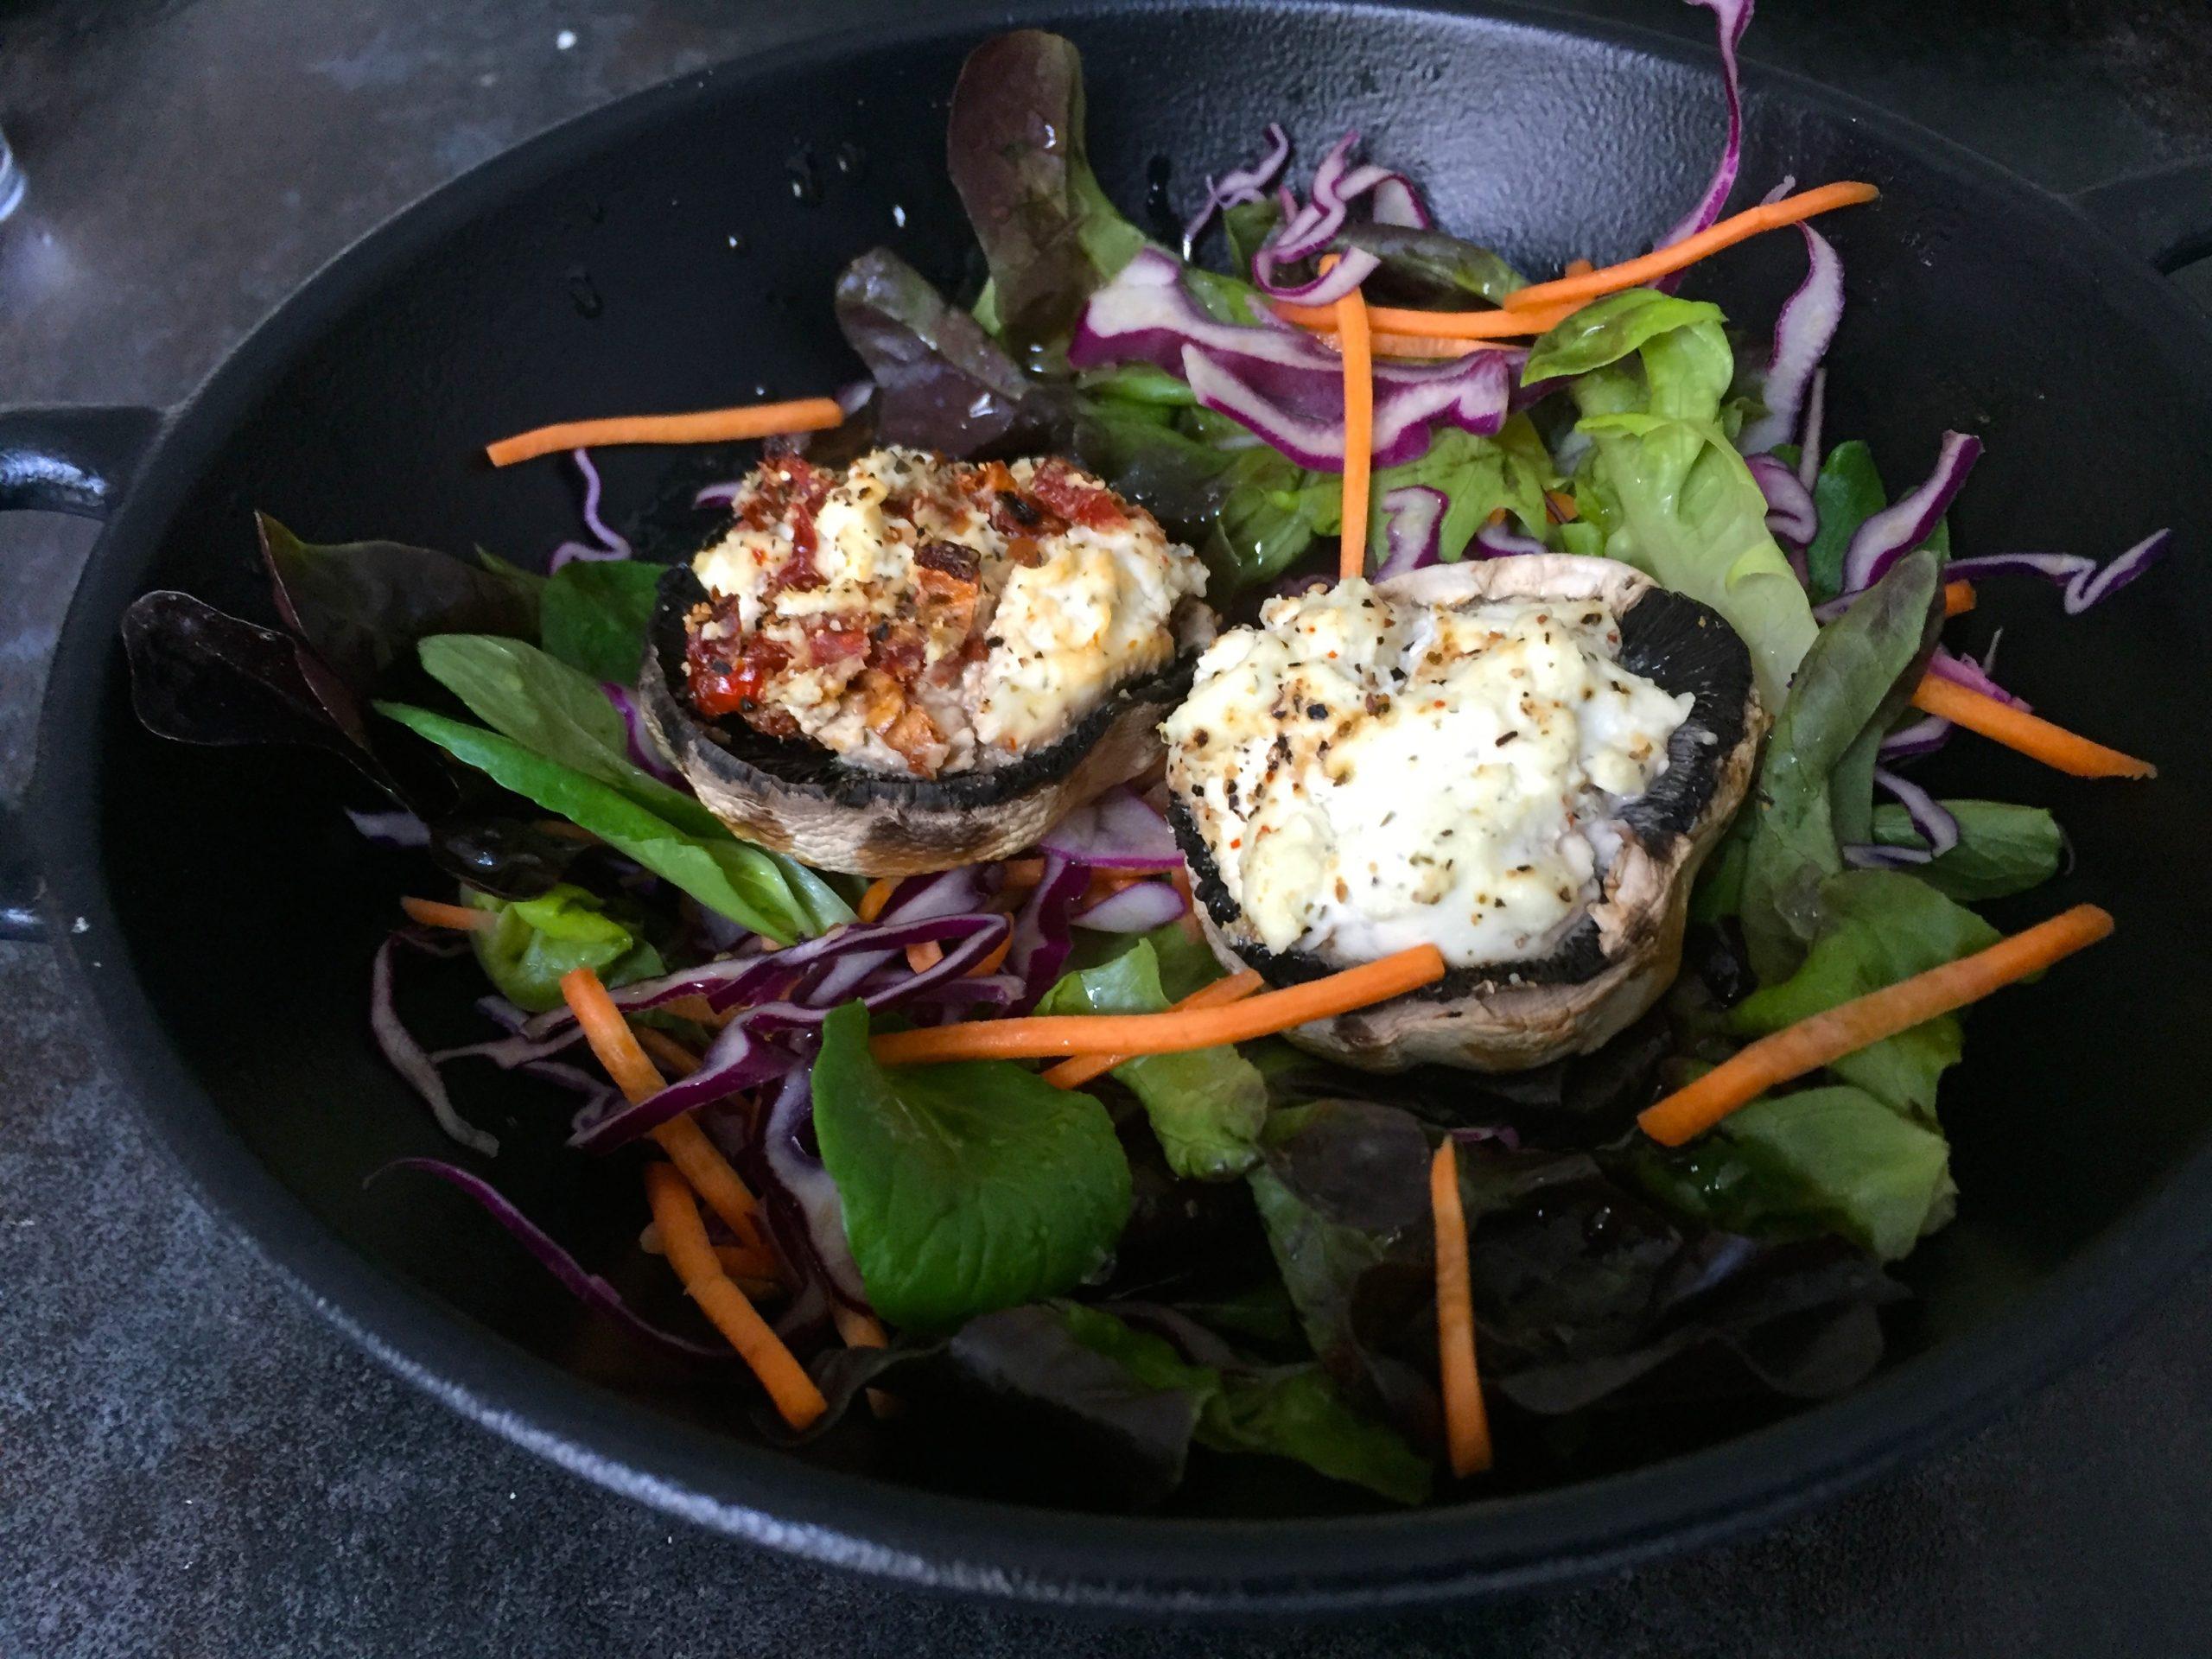 Herbstsalat mit gefüllten Champignons.JPG